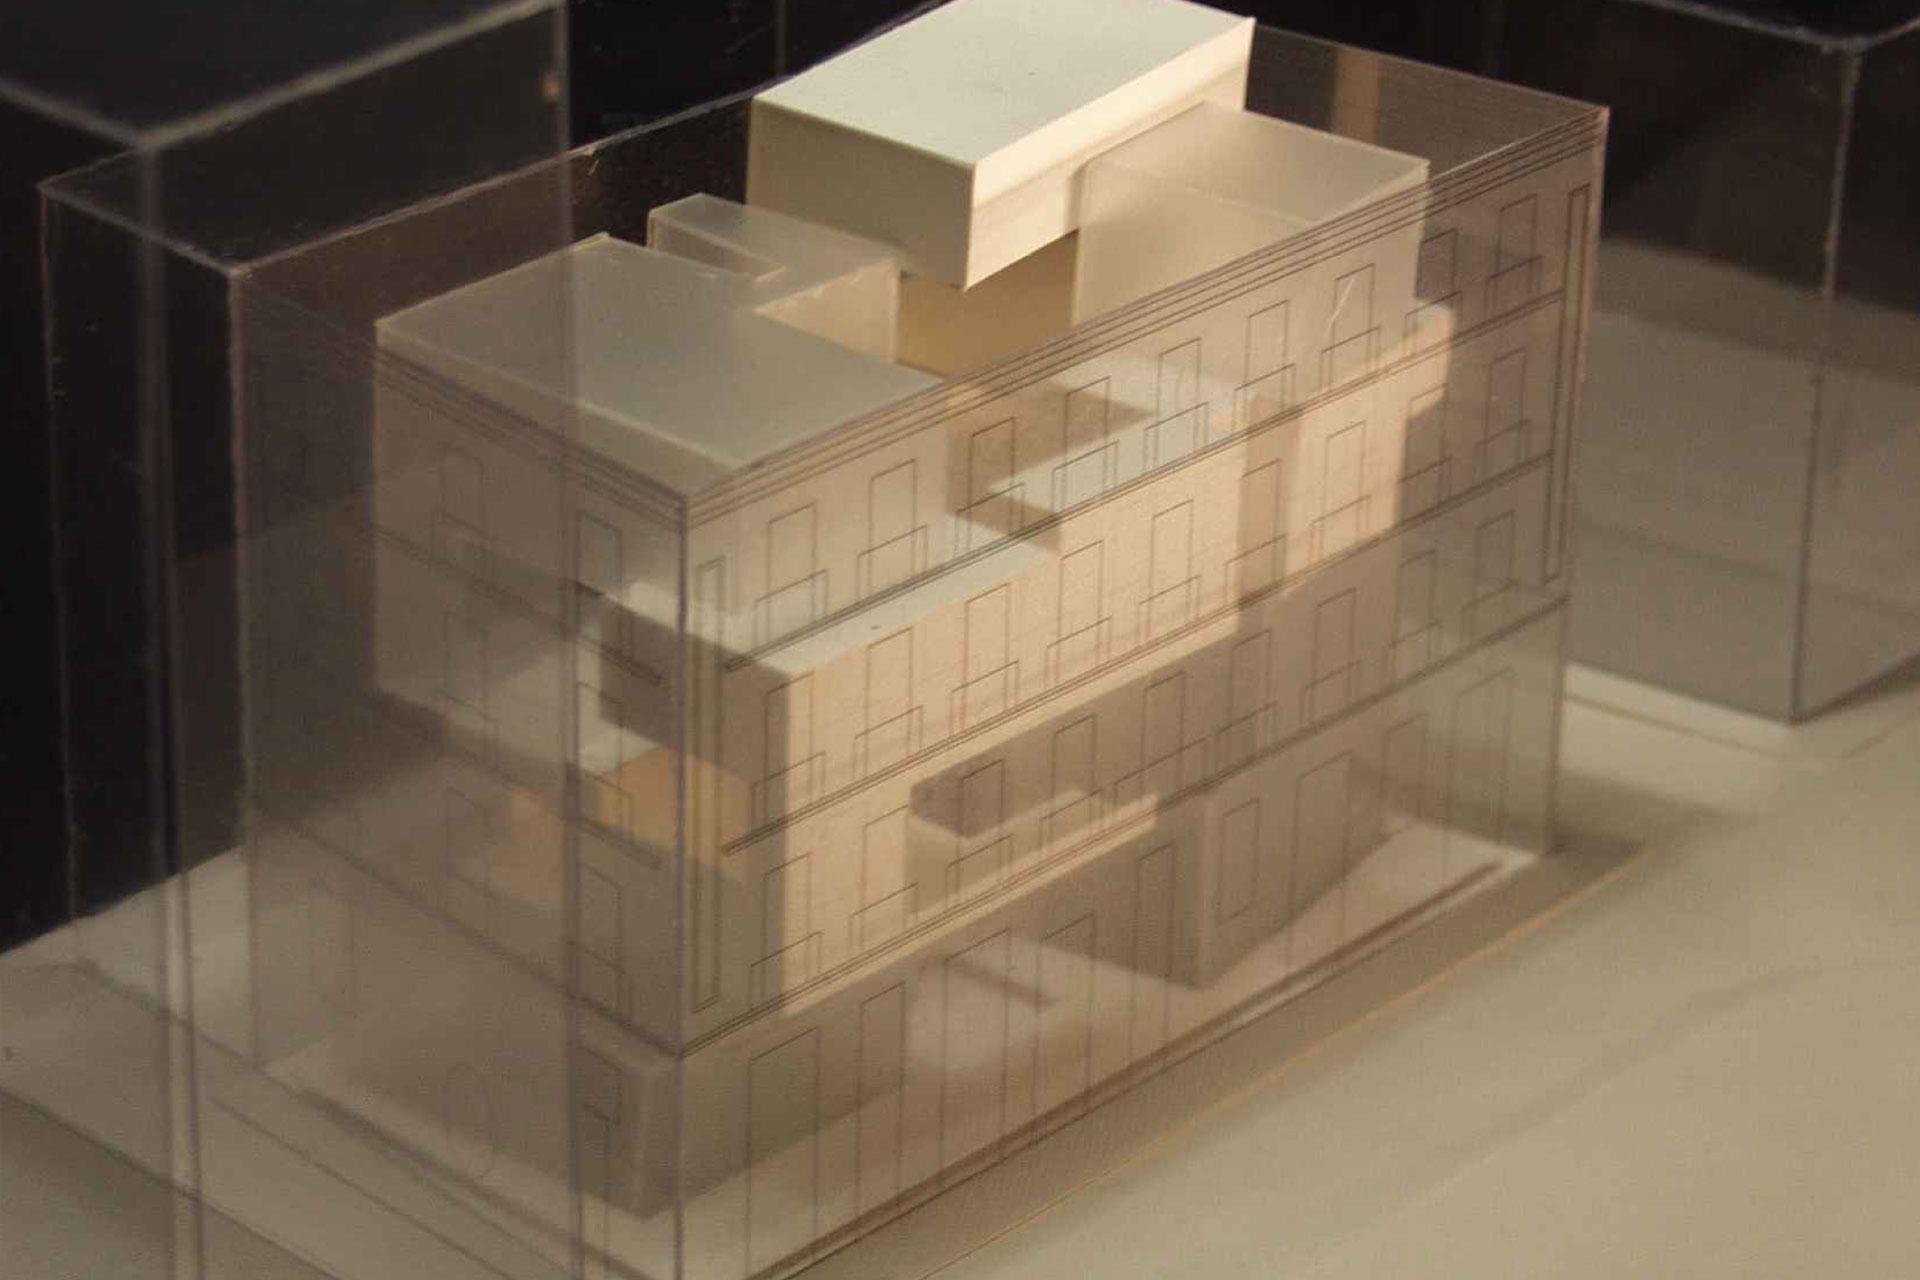 Concurso para la nueva sede del Colegio de Arquitectos de Alicante